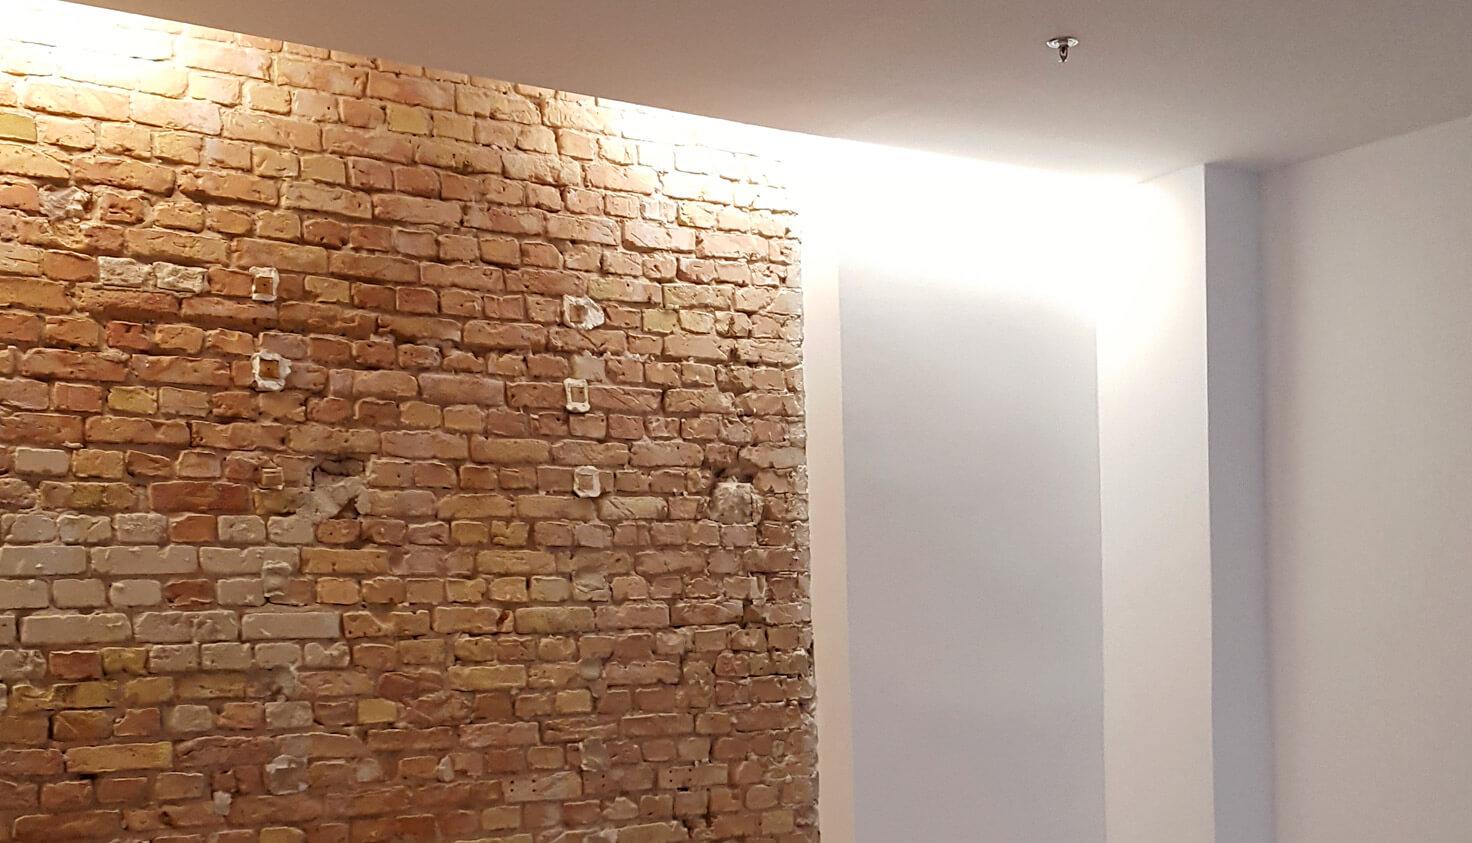 Akaziencampus Berlin - Referenz Maler Kluge